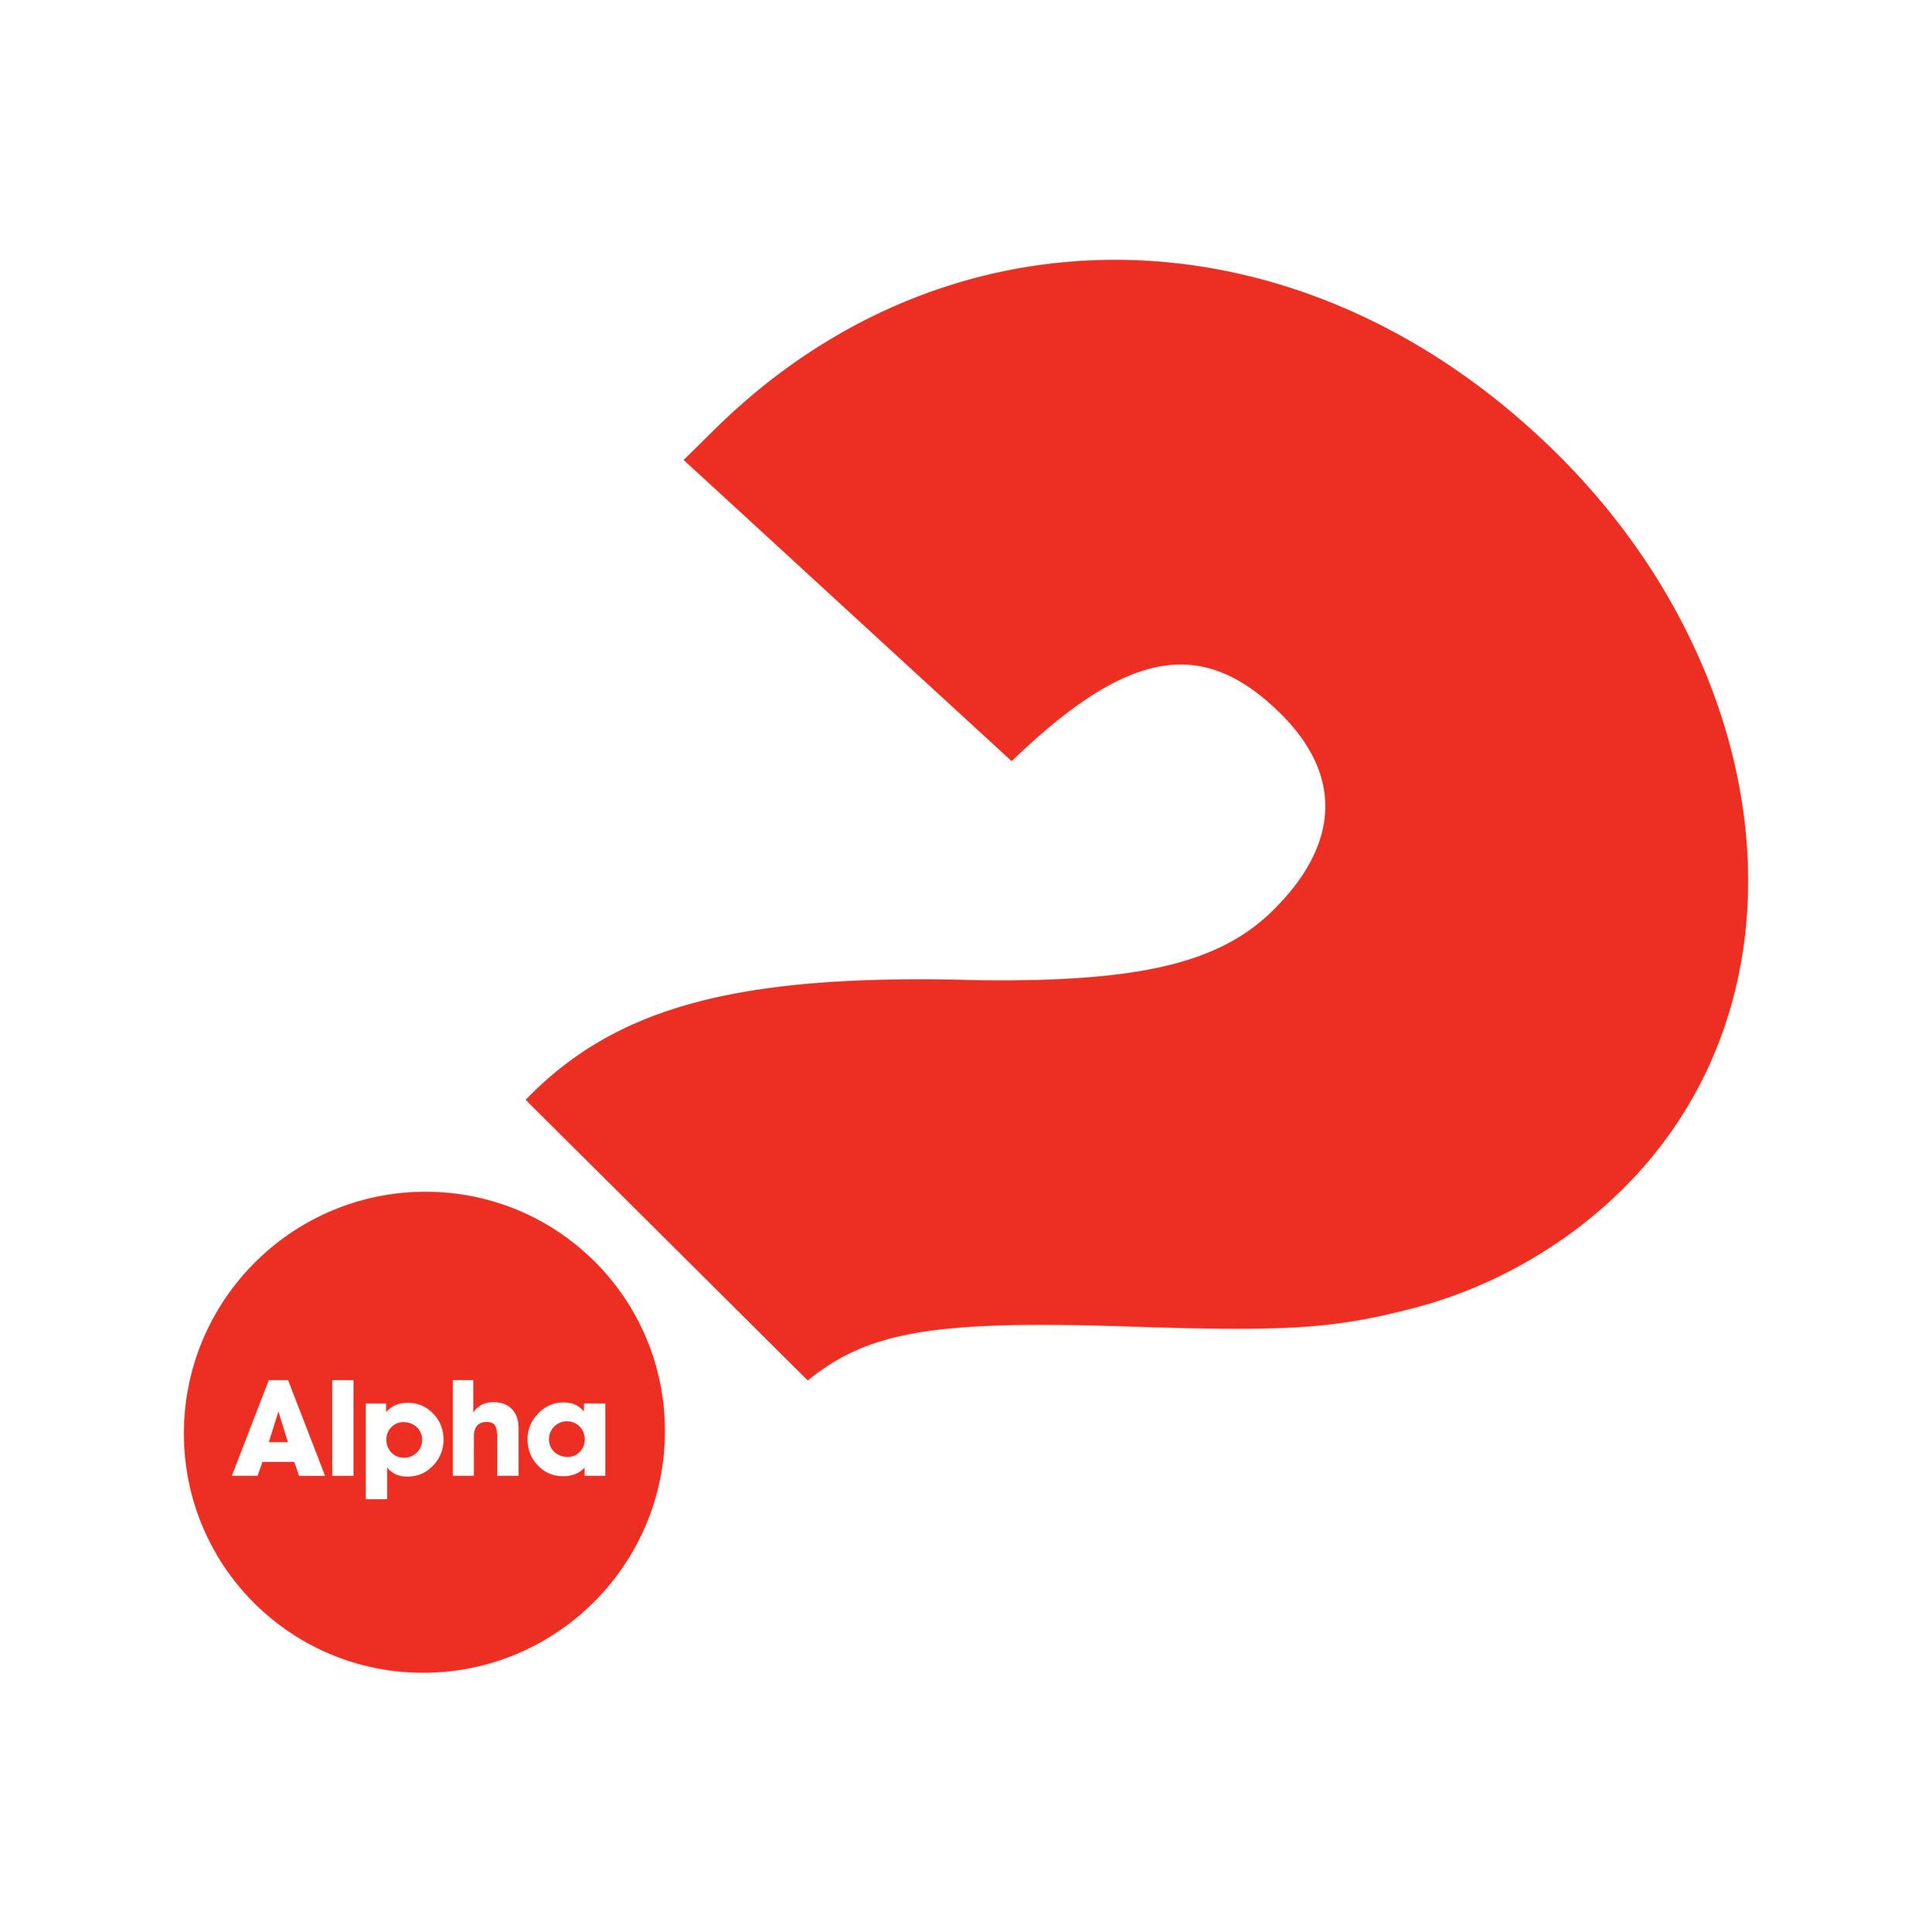 alpha-logo-set-1main.jpg